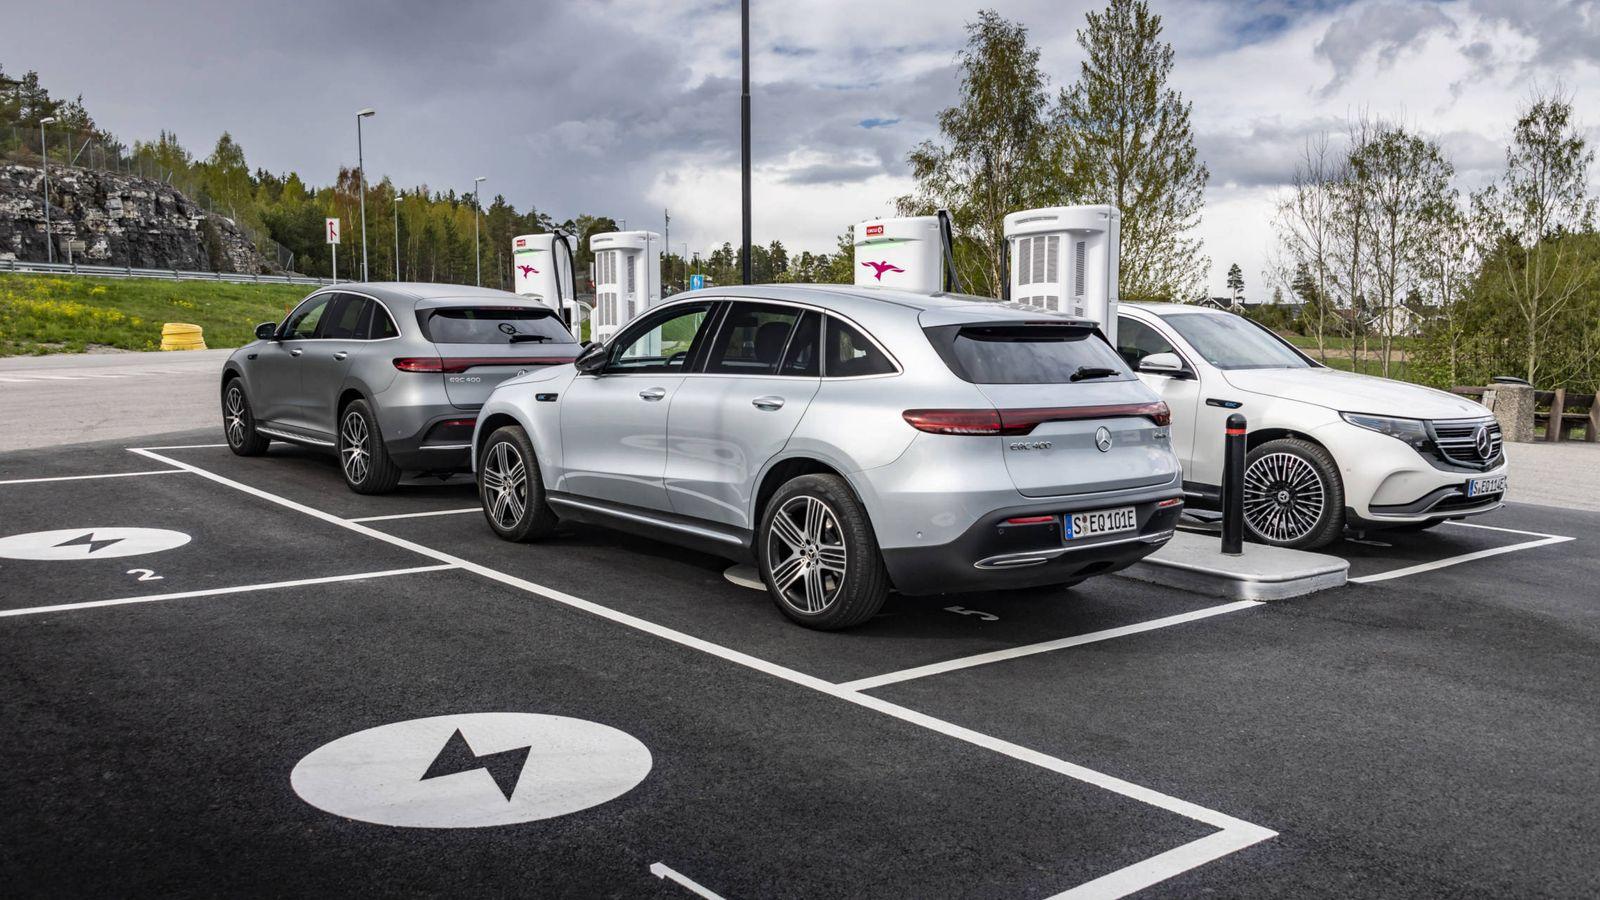 Foto: La mejor infraestructura de recarga en Europa está en Noruega, el paraíso para el coche eléctrico.